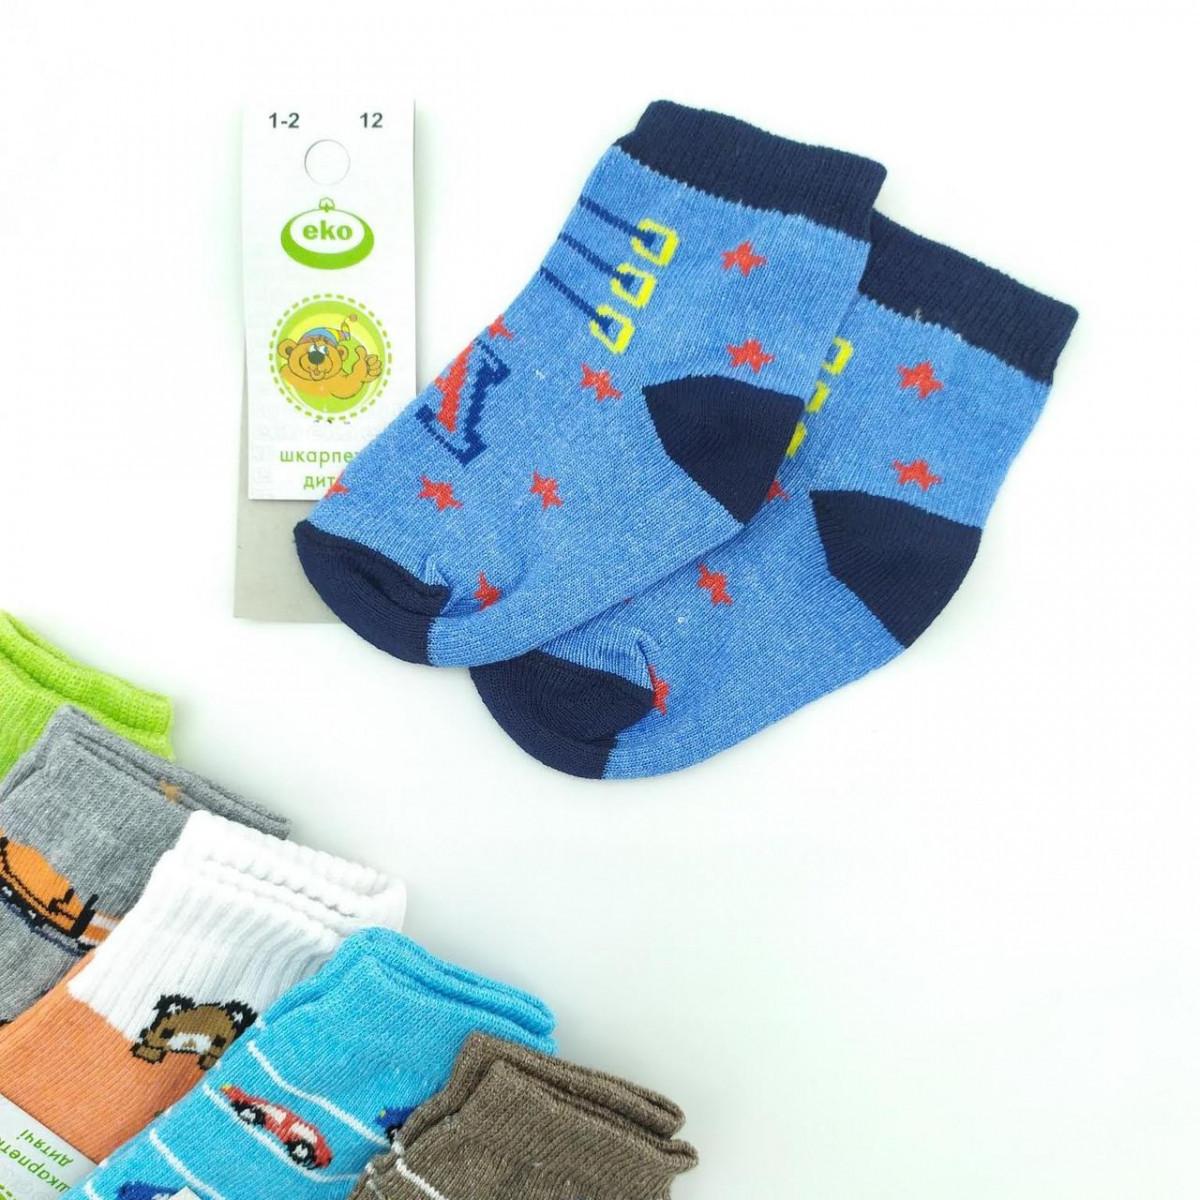 Носки детские демисезонные с разными рисунками, для мальчика, ЕКО, р12(1-2), случайное ассорти 20029548